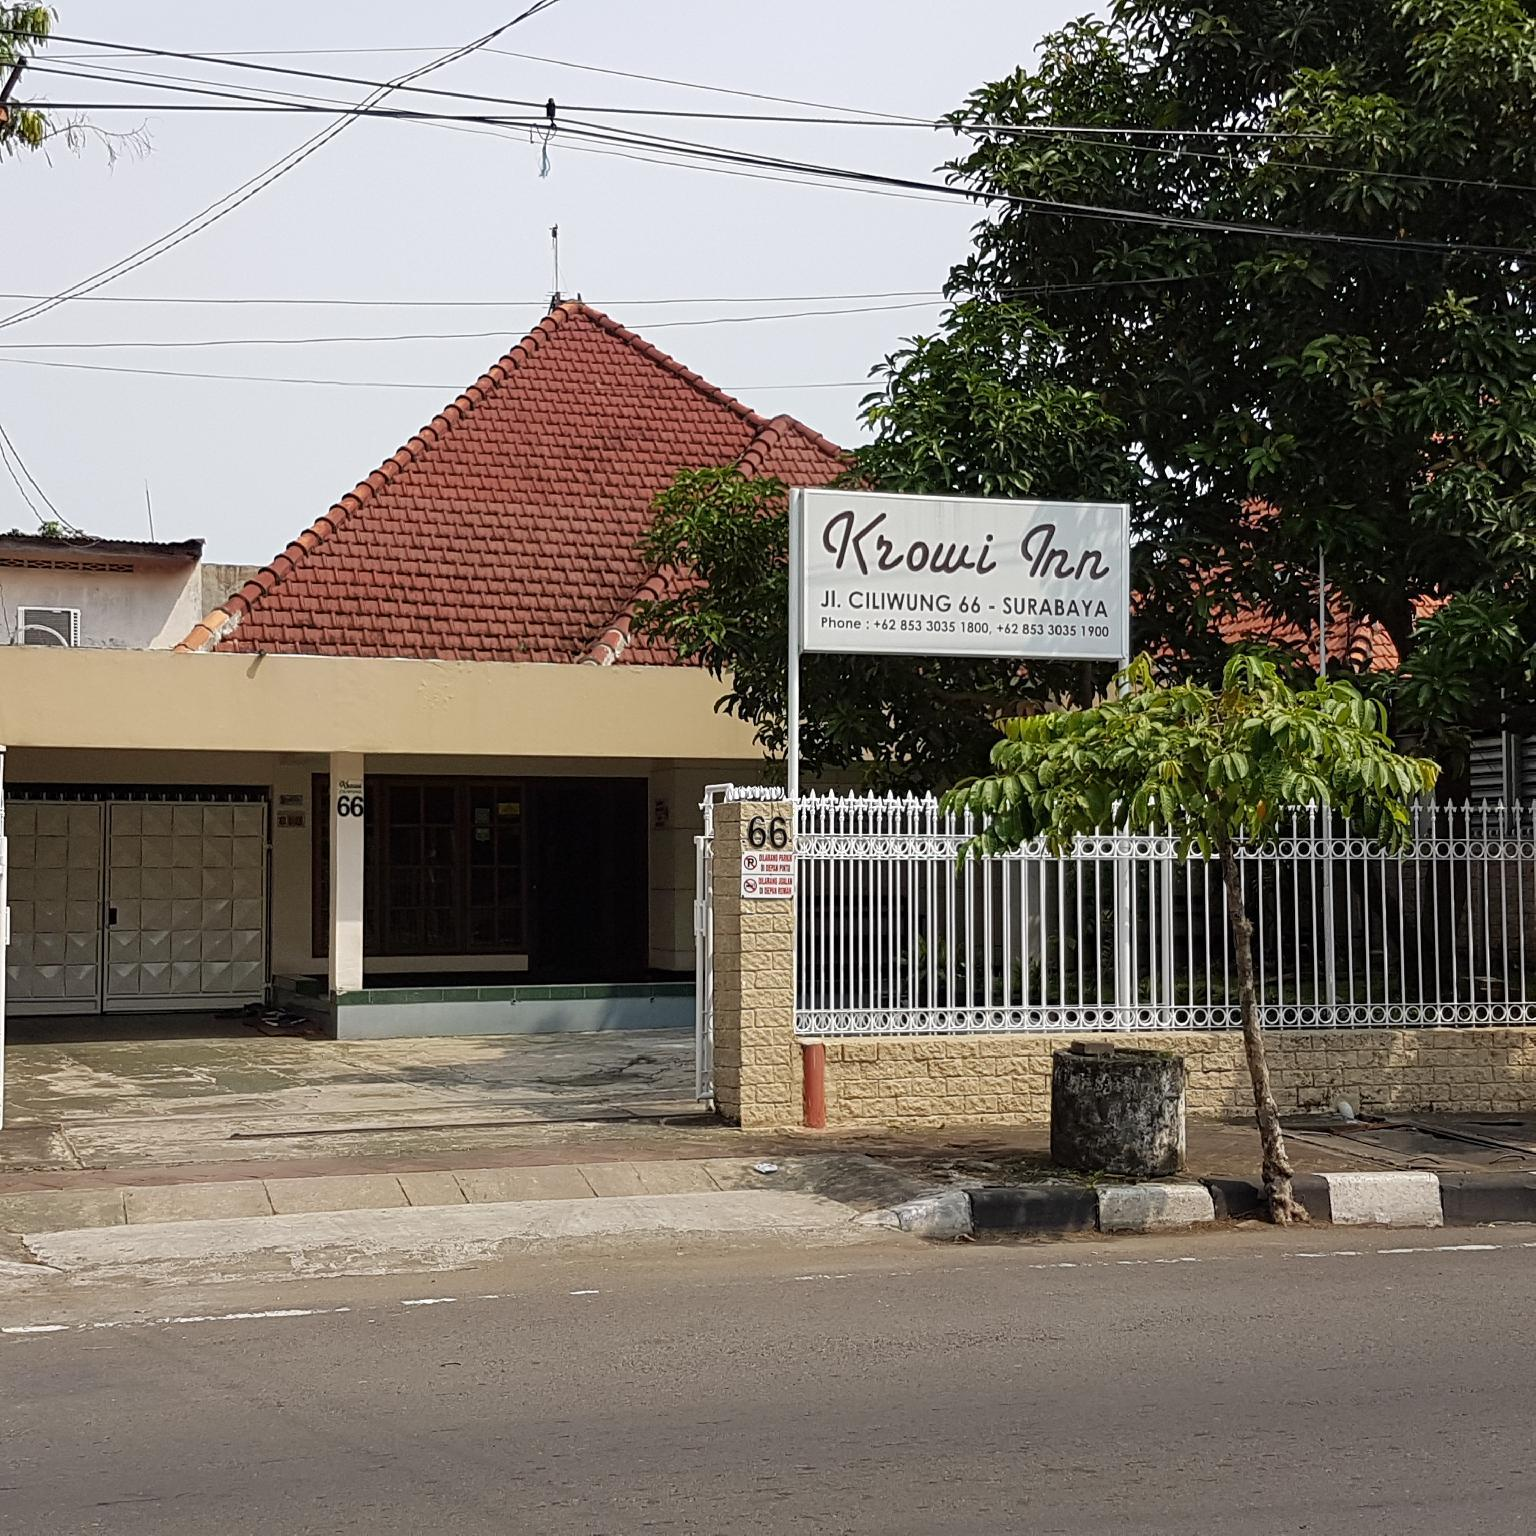 Krowi Inn, Surabaya